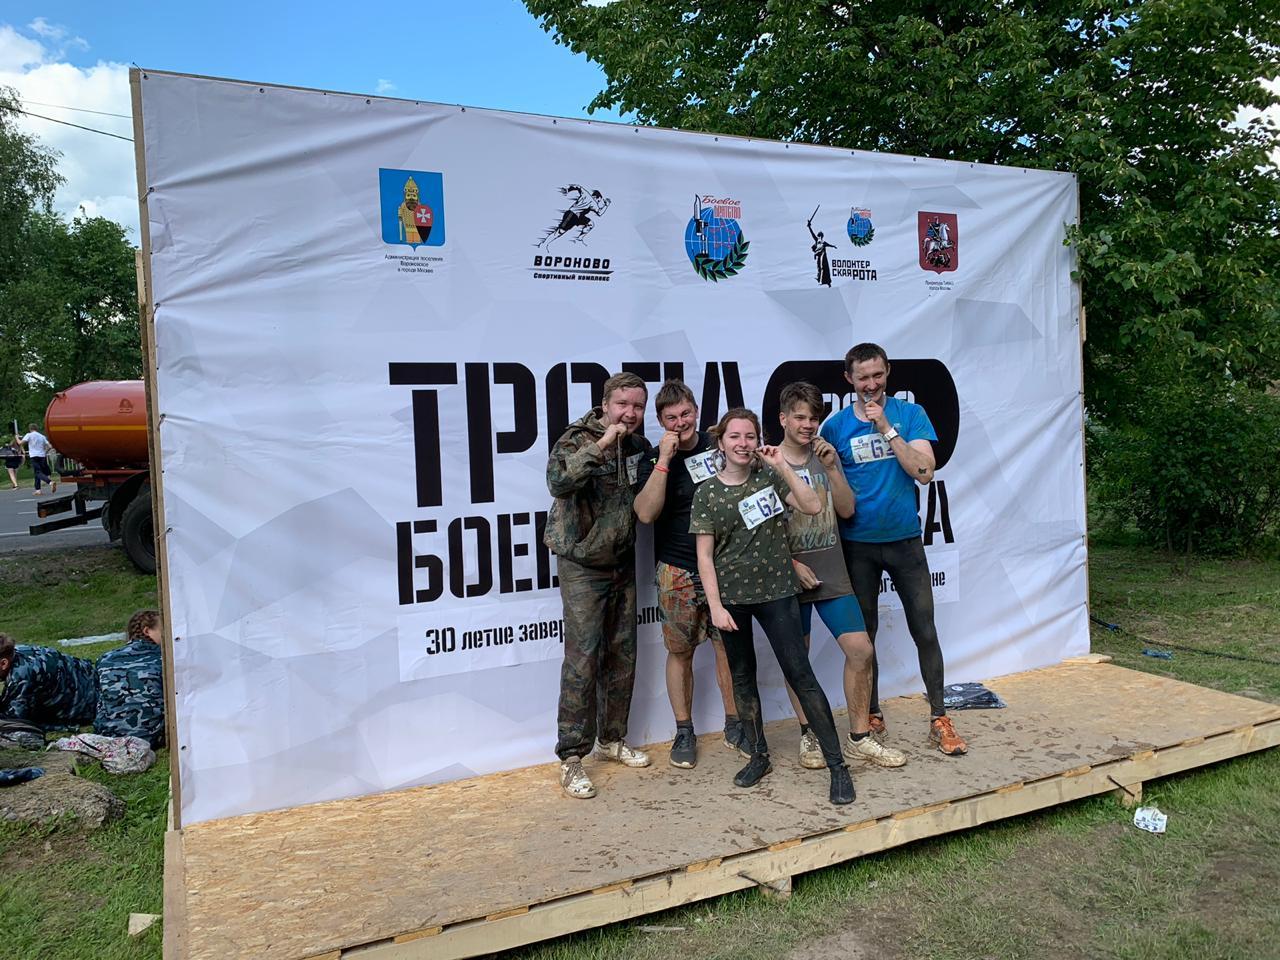 Кросс испытаний: в Вороновском прошло соревнование «Тропа